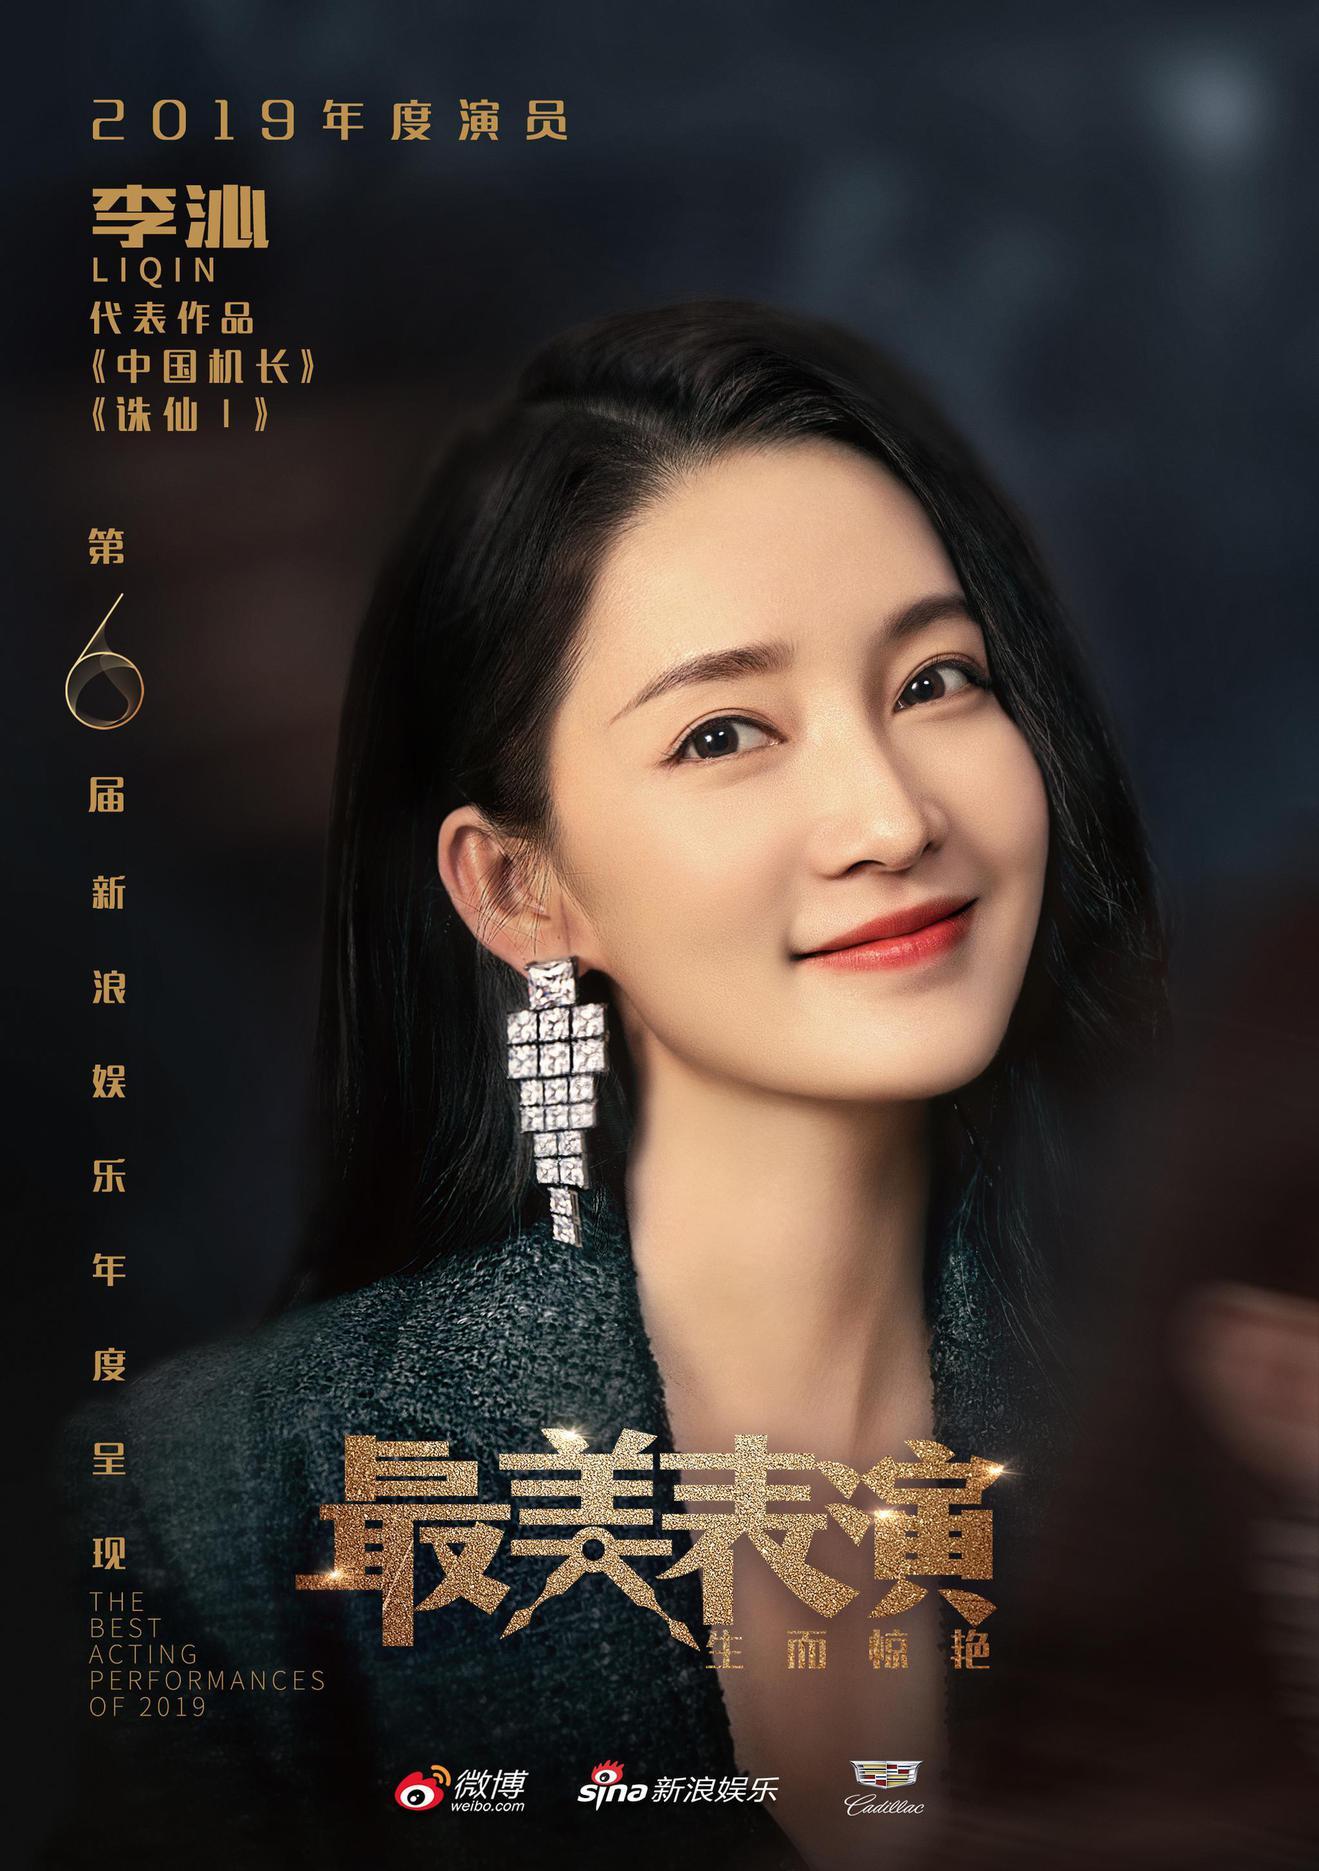 2019最美表演-李沁